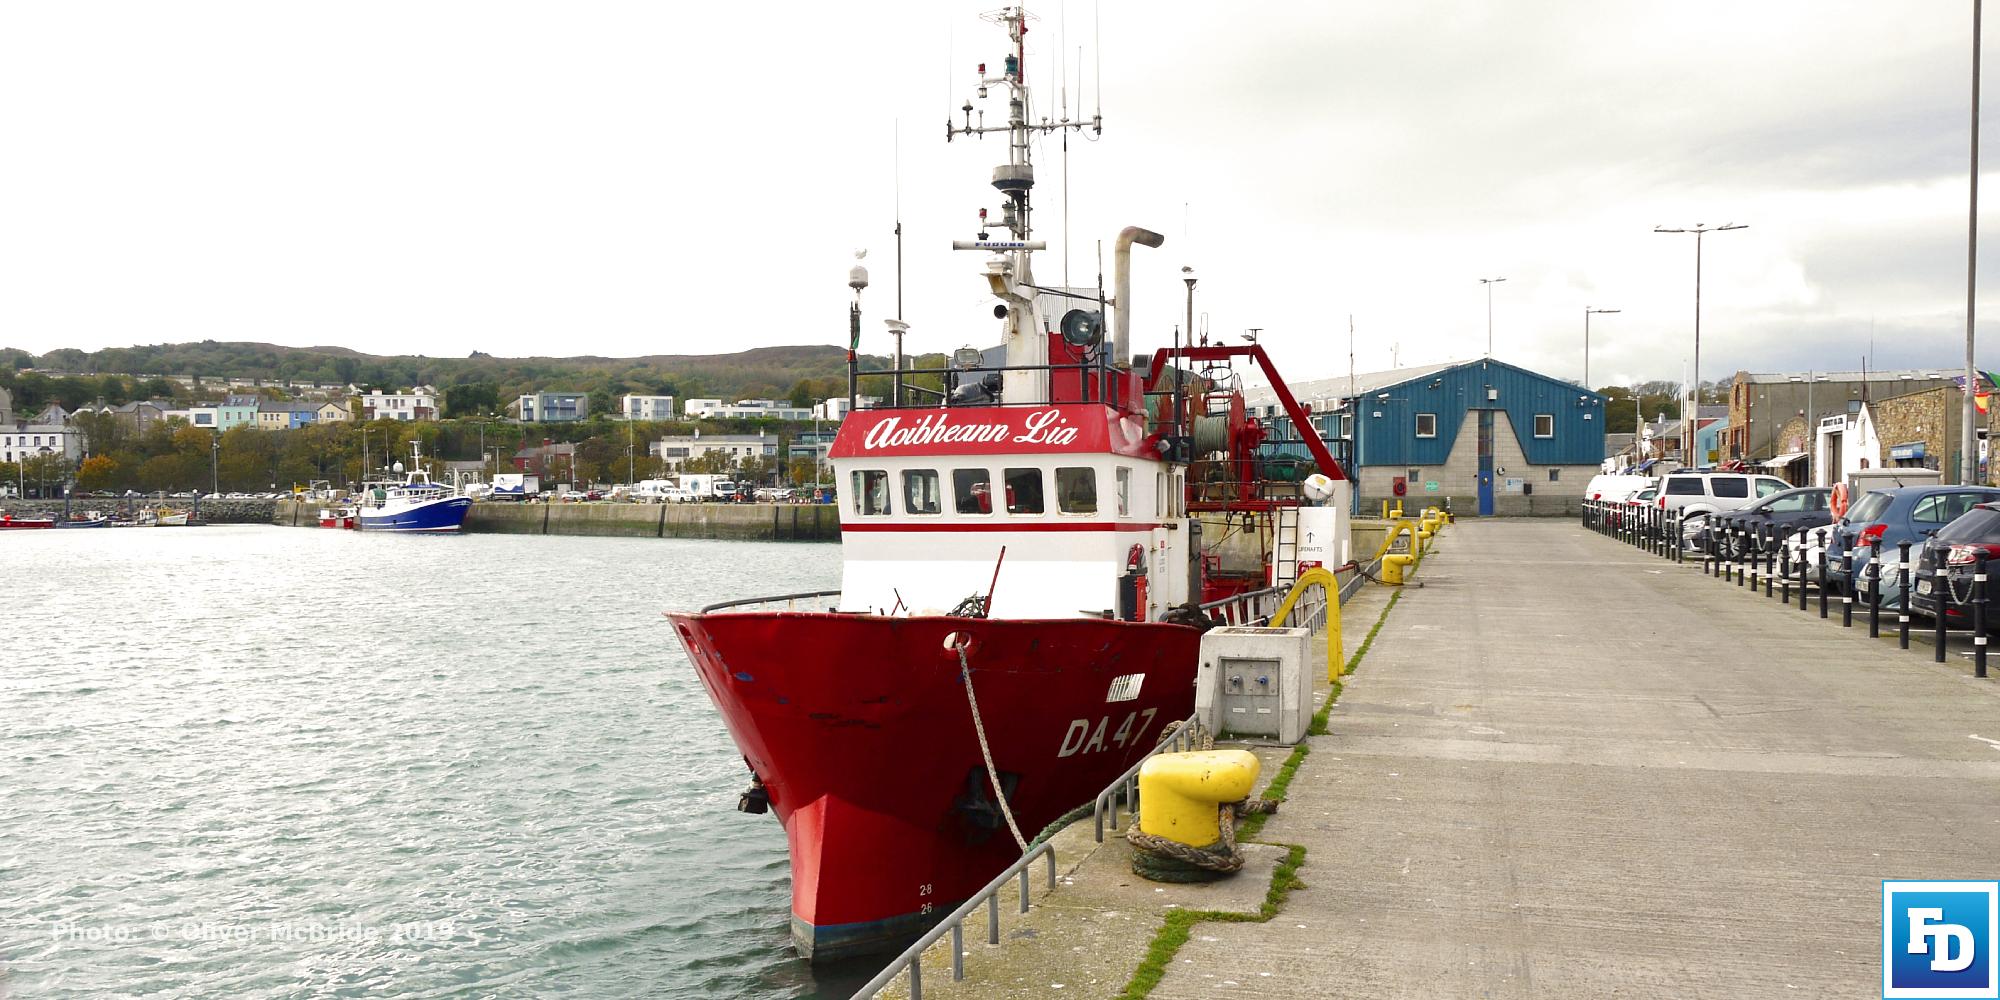 howth harbour Dublin ireland